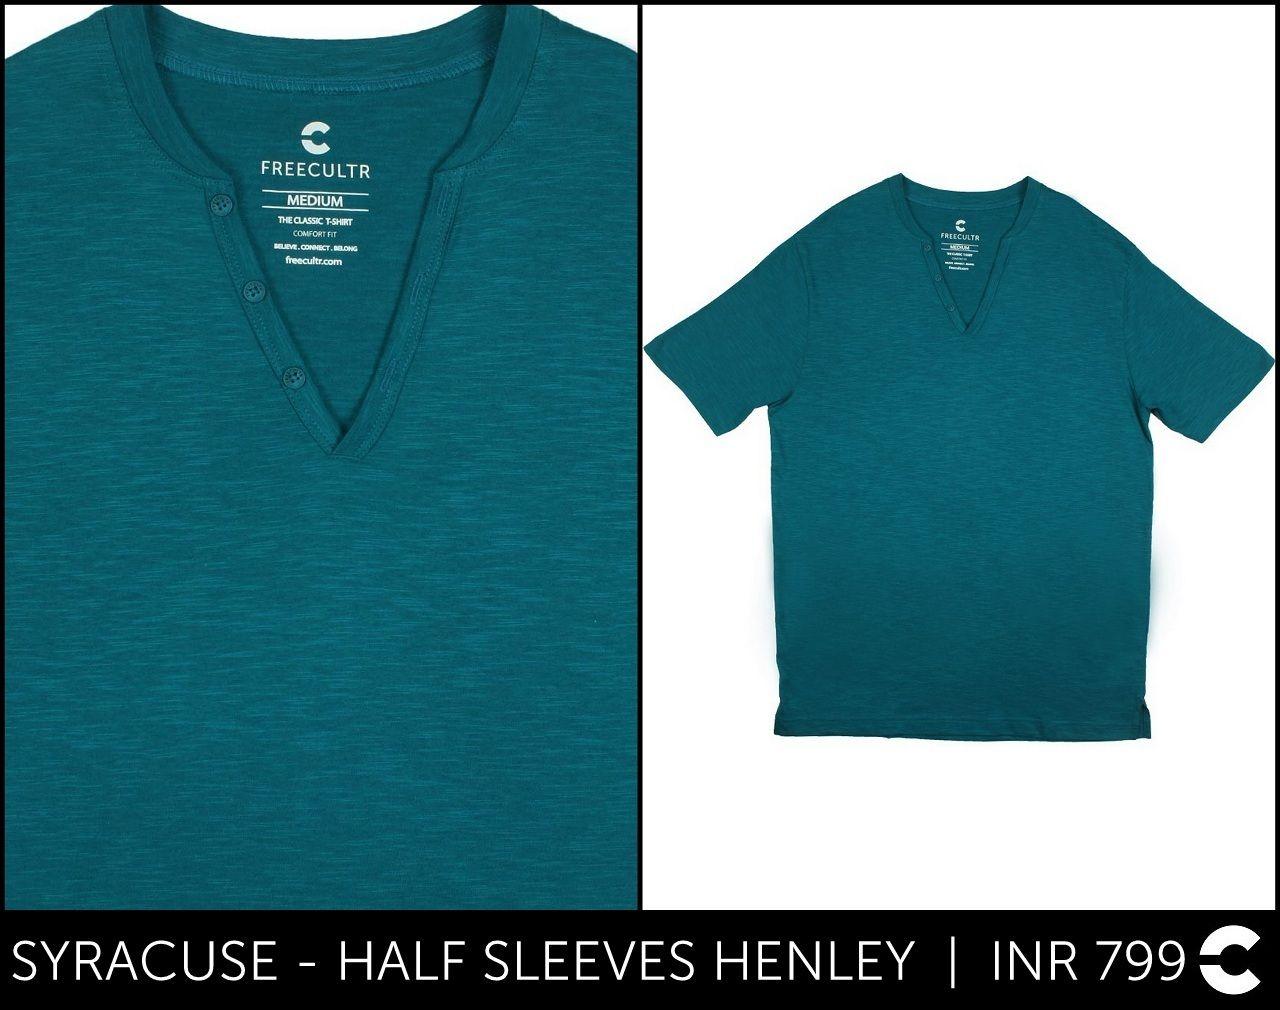 645f0b65 #FREECULTR SYRACUSE - HALF SLEEVES HENLEY INR 799 Shop: http://www